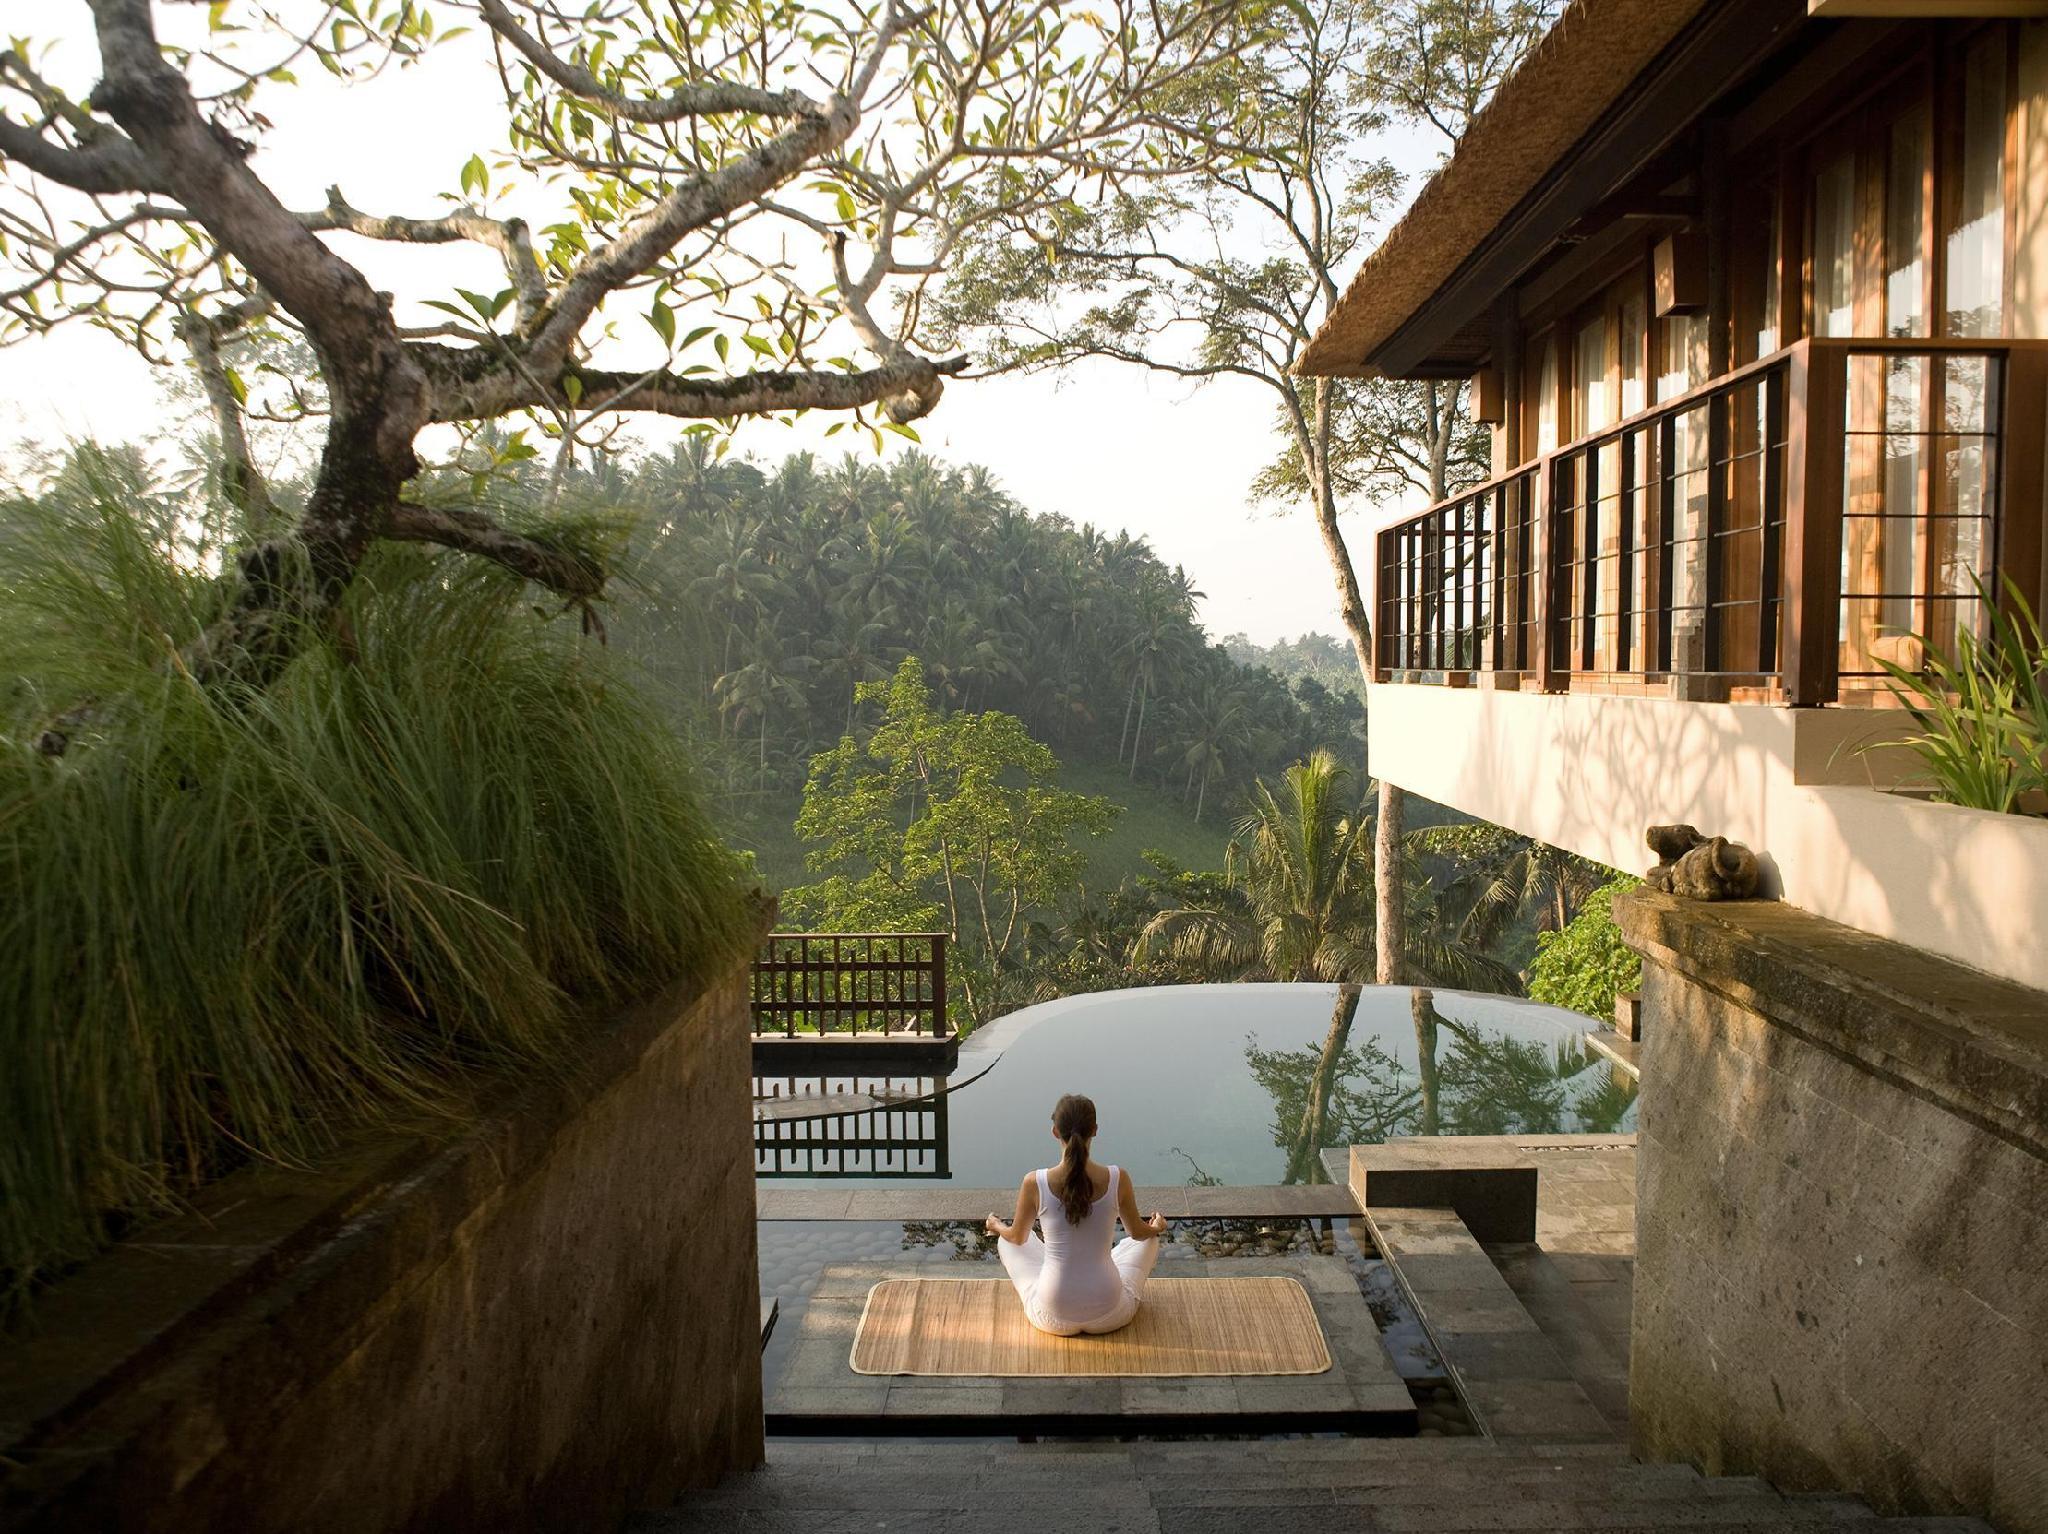 http://pix6.agoda.net/hotelImages/487/48711/48711_15061014300029150745.jpg